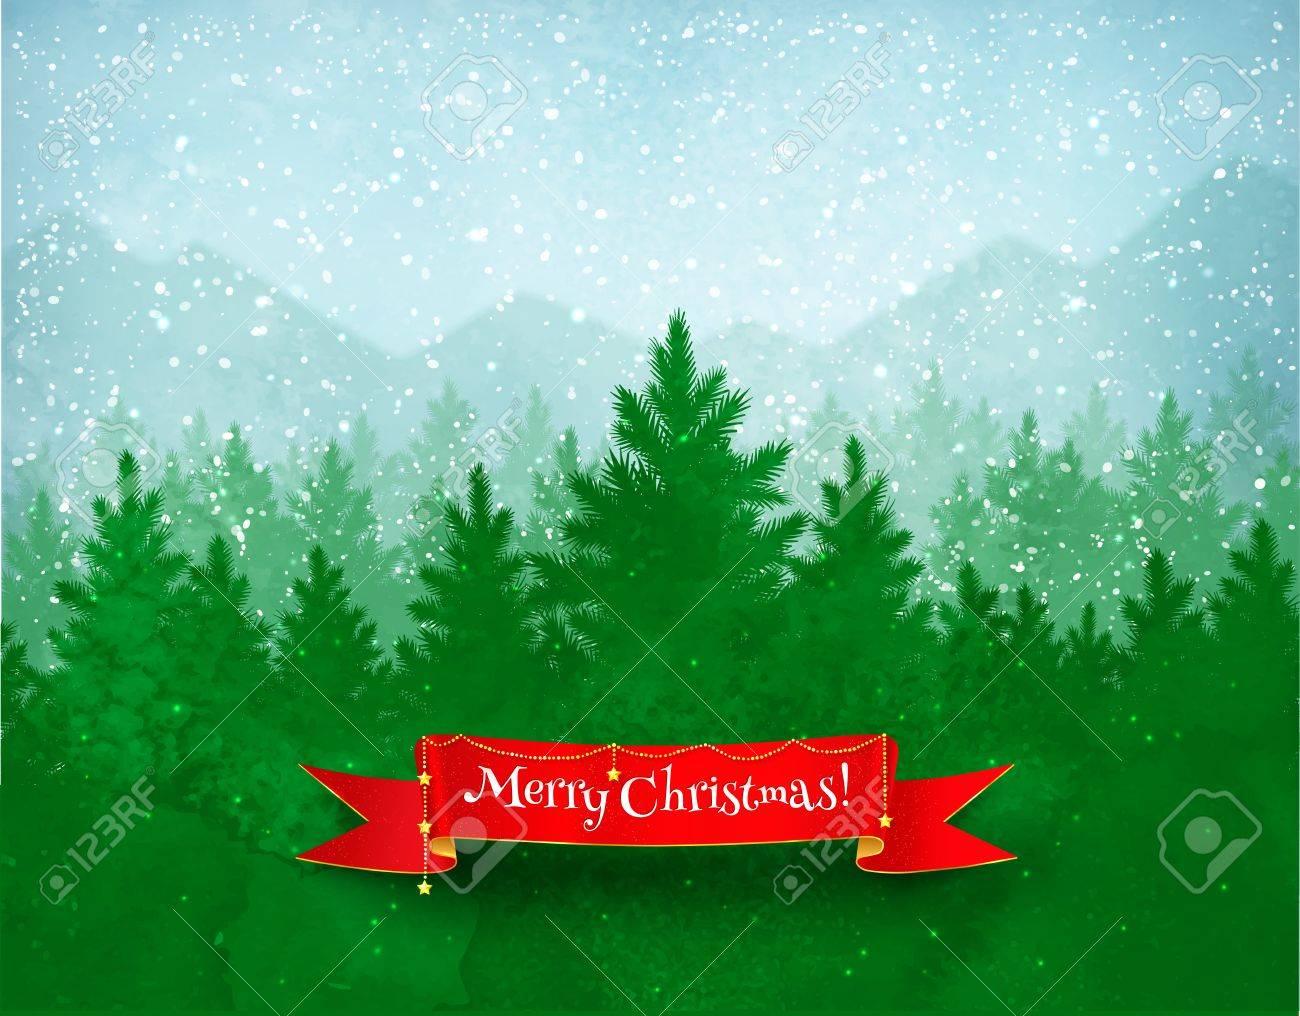 Weihnachten Landschaft Hintergrund Mit Fallendem Schnee, Grün ...